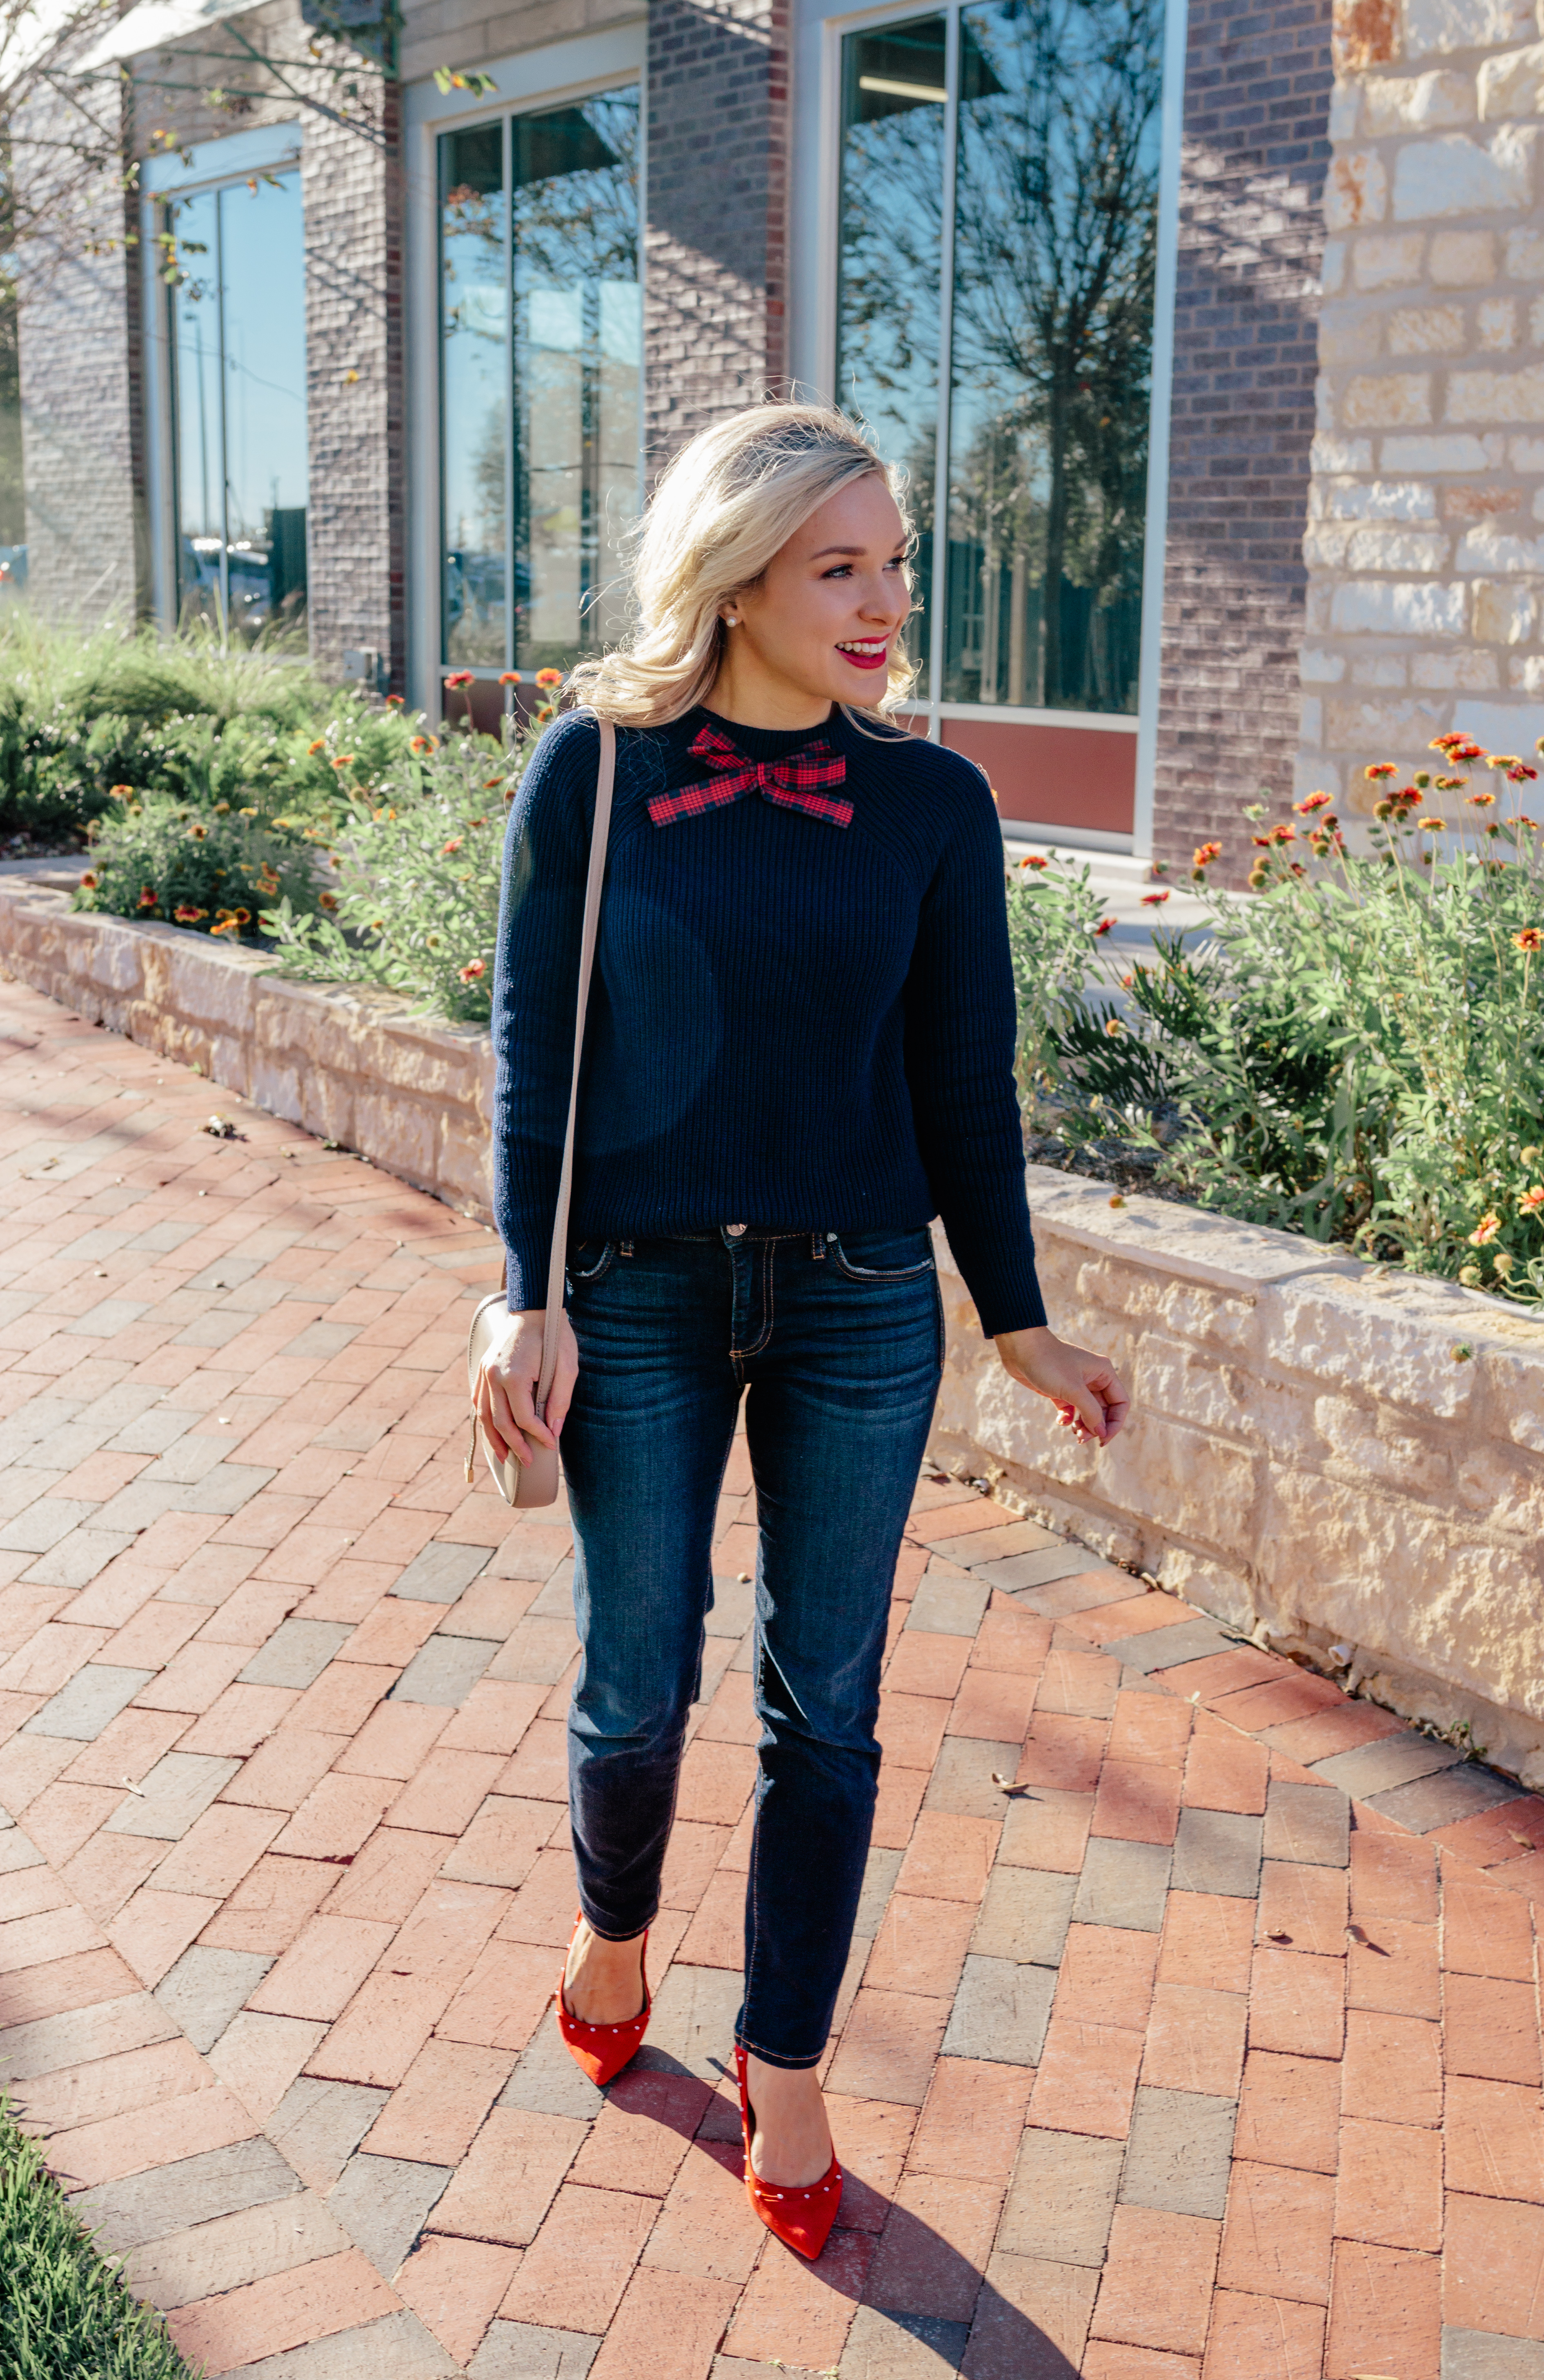 Sweater Weather Shannon Sullivan